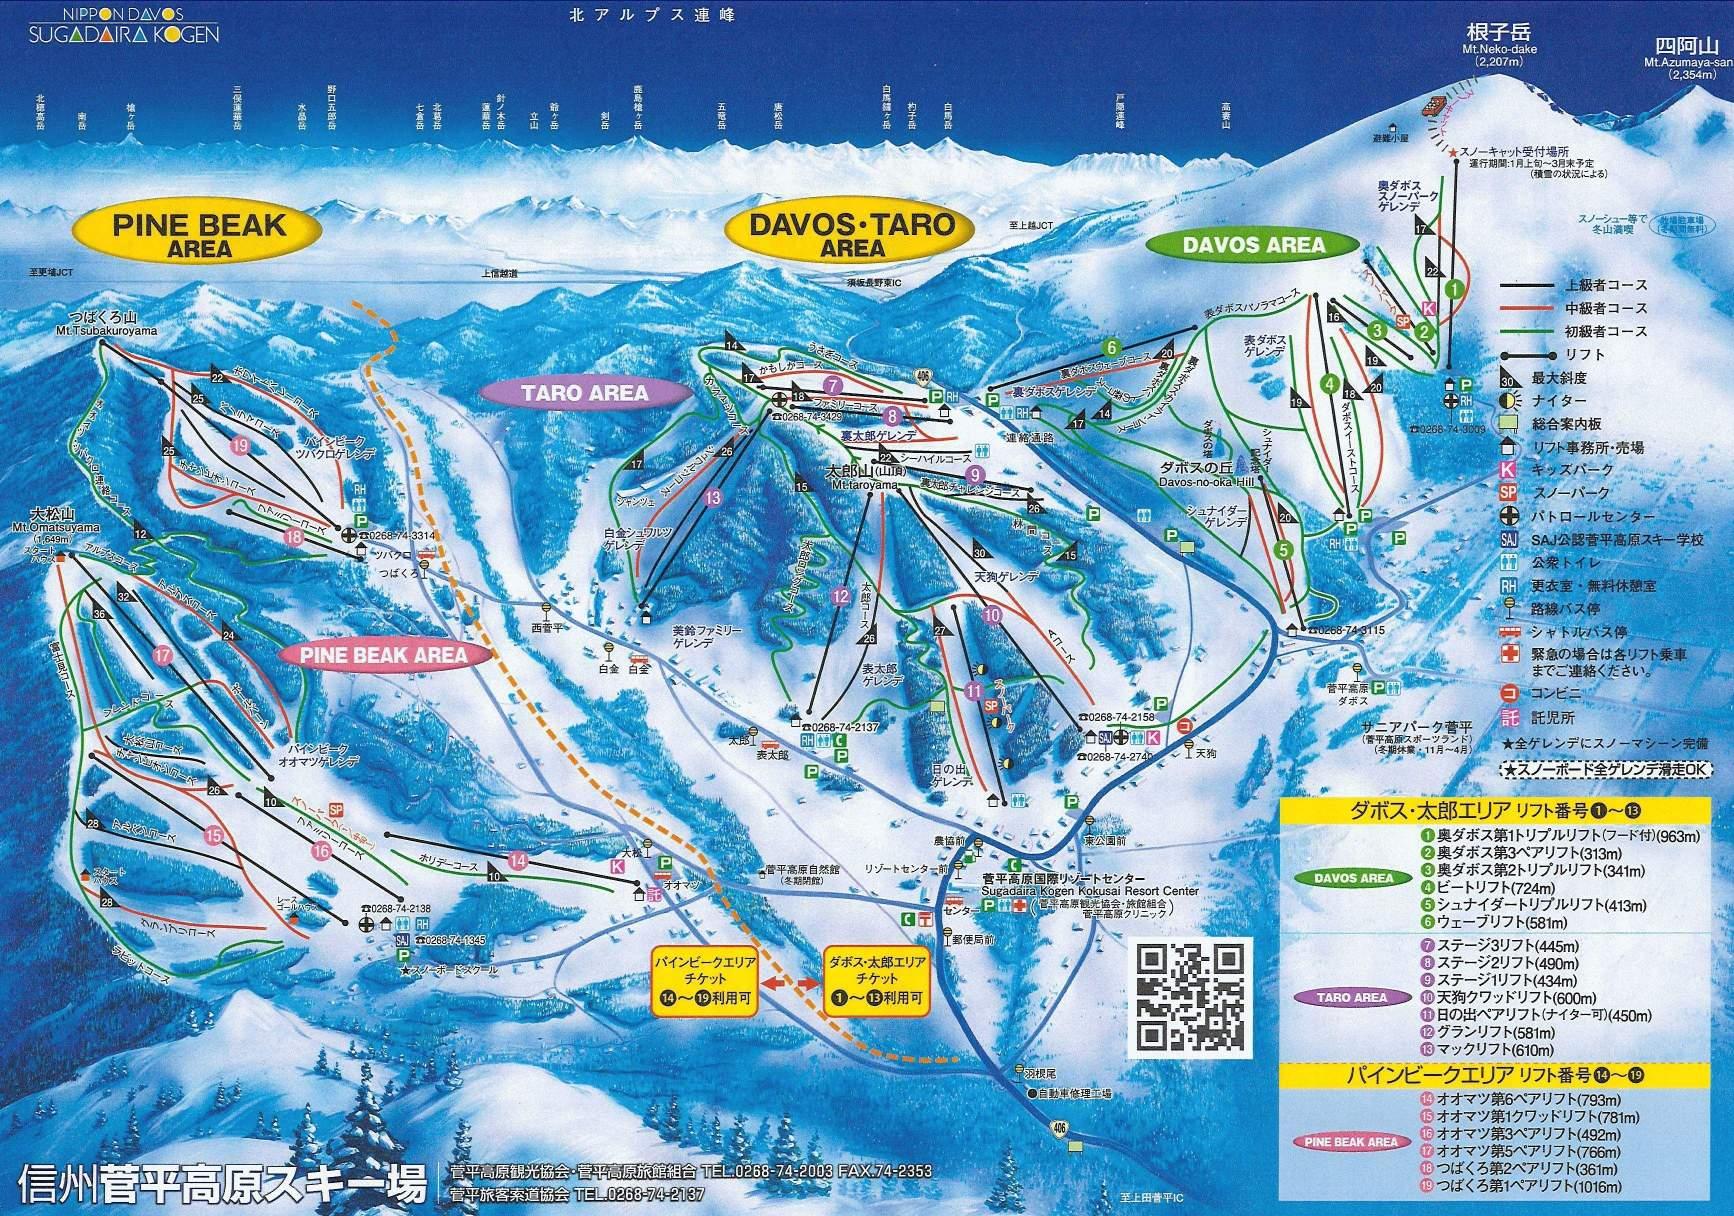 Trail map DavosTaro Sugadaira Kogen